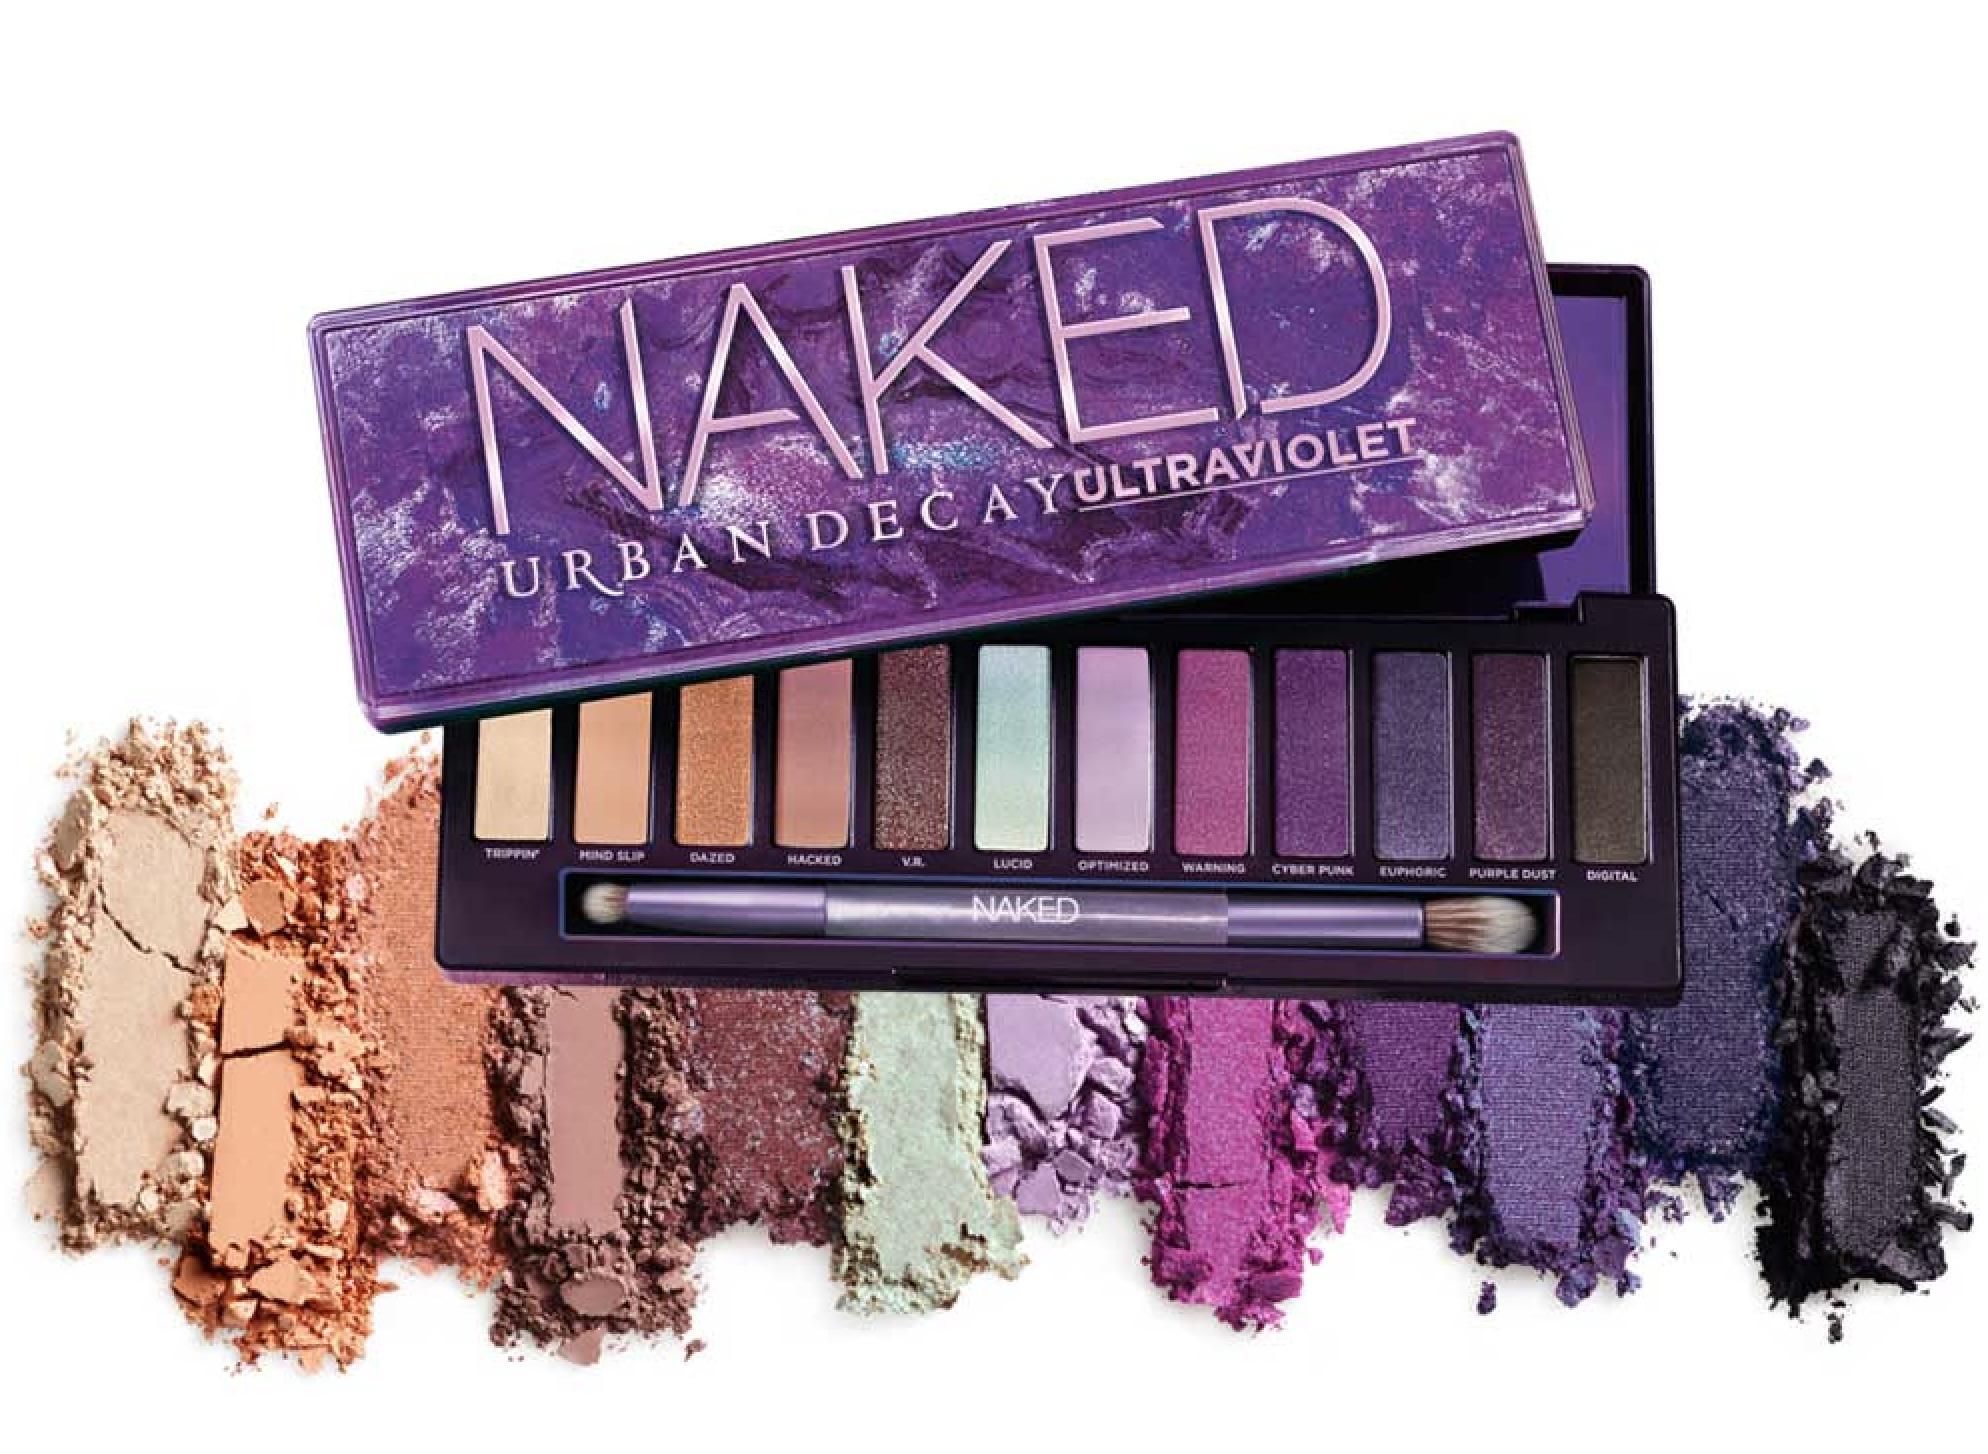 Una nueva NAKED llega a la familia Urban Decay... Acaba de aterrizar Ultraviolet Eyeshadow Palette